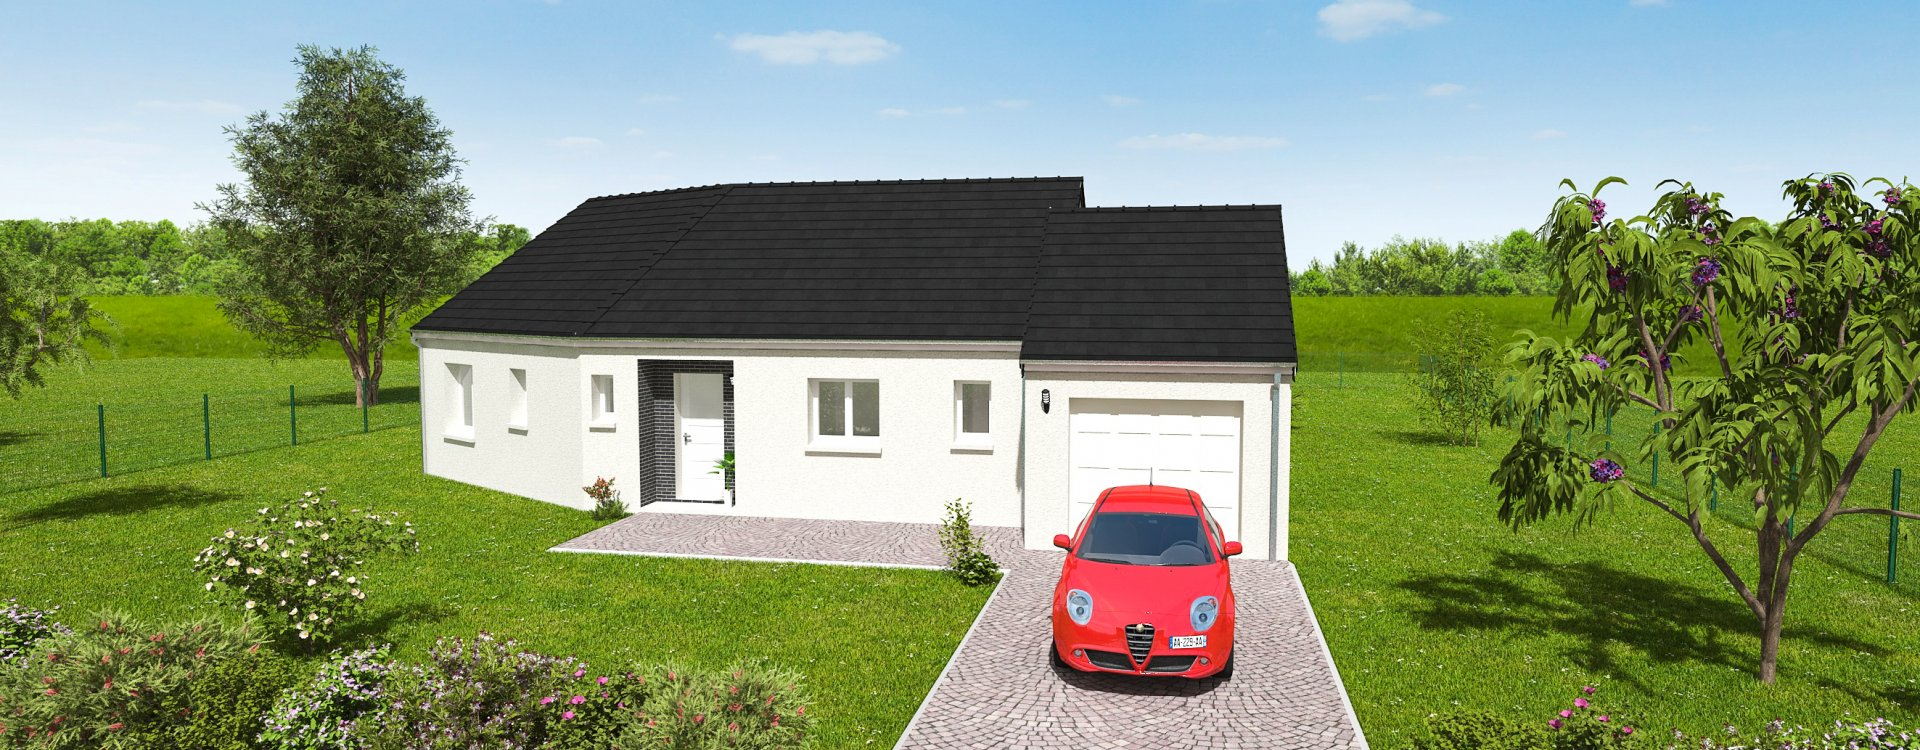 Maisons + Terrains du constructeur EASY HOUSE • 79 m² • VENNECY